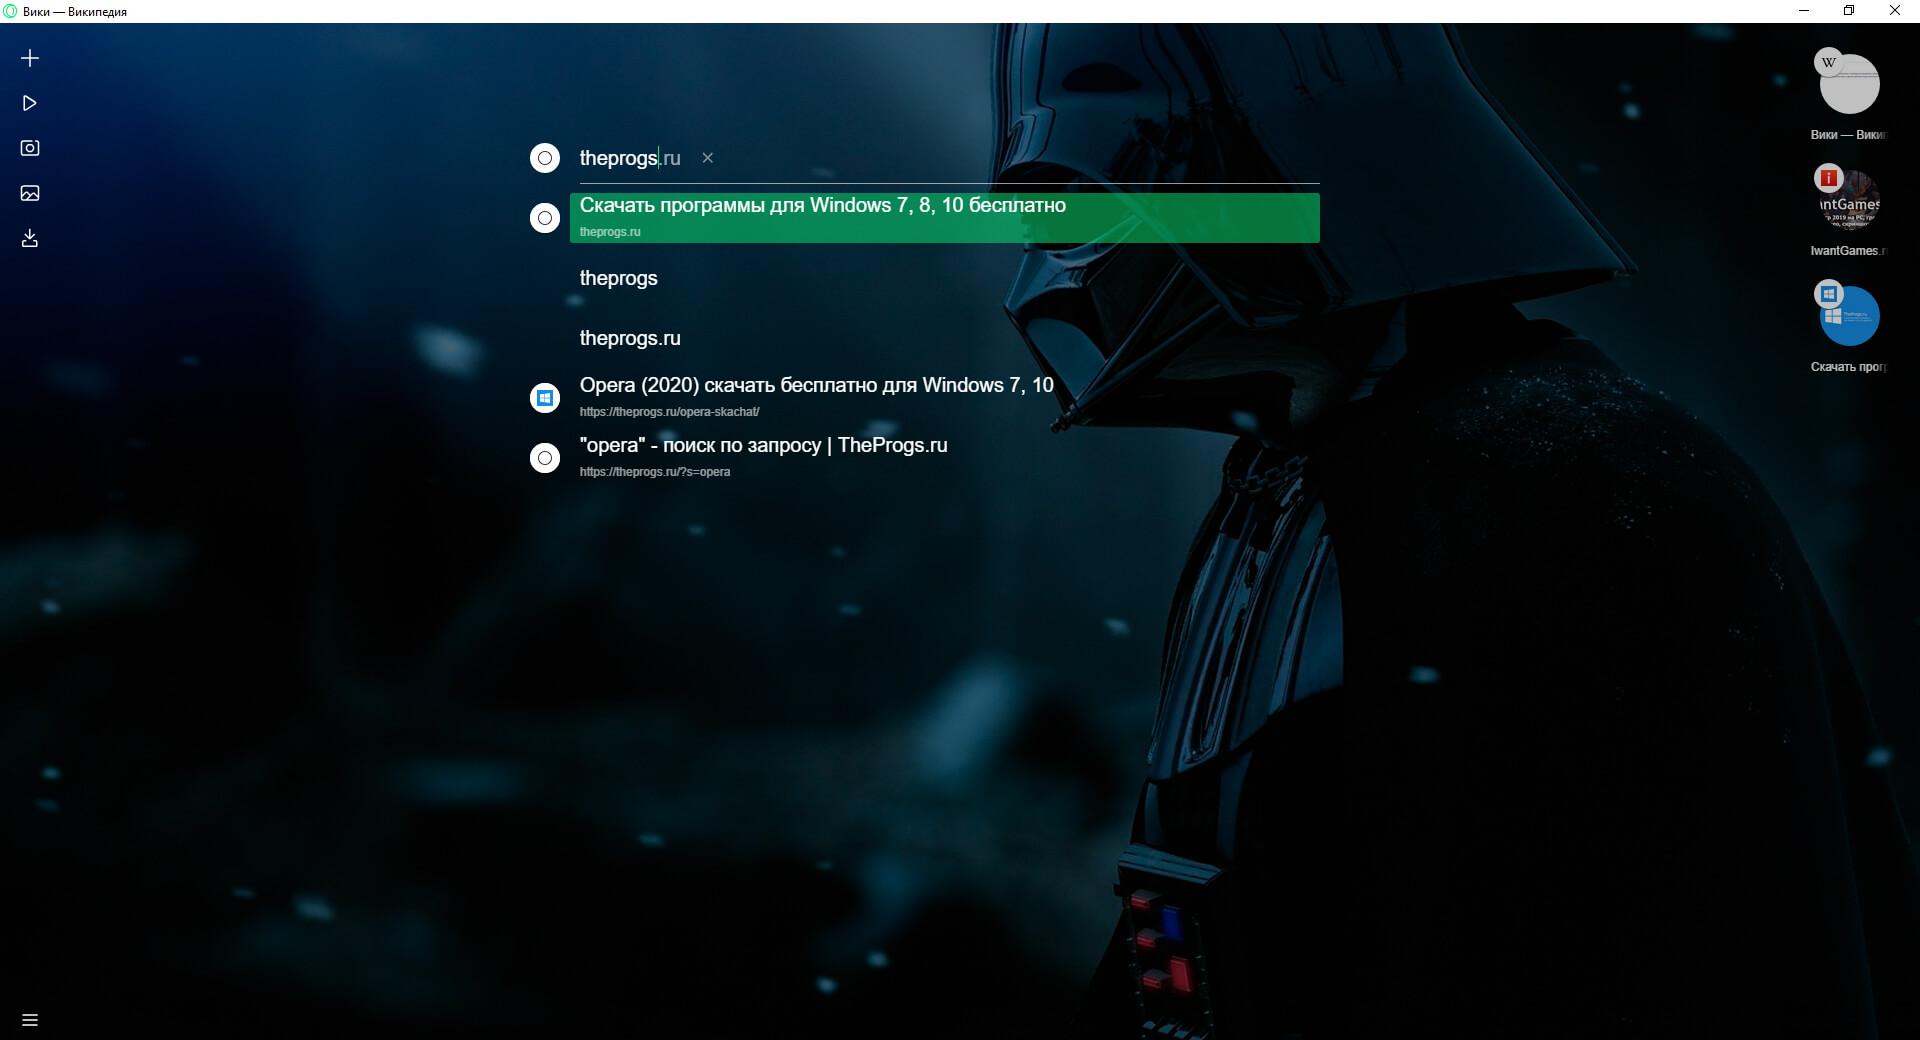 Opera Neon браузер (TheProgs.ru) скриншот